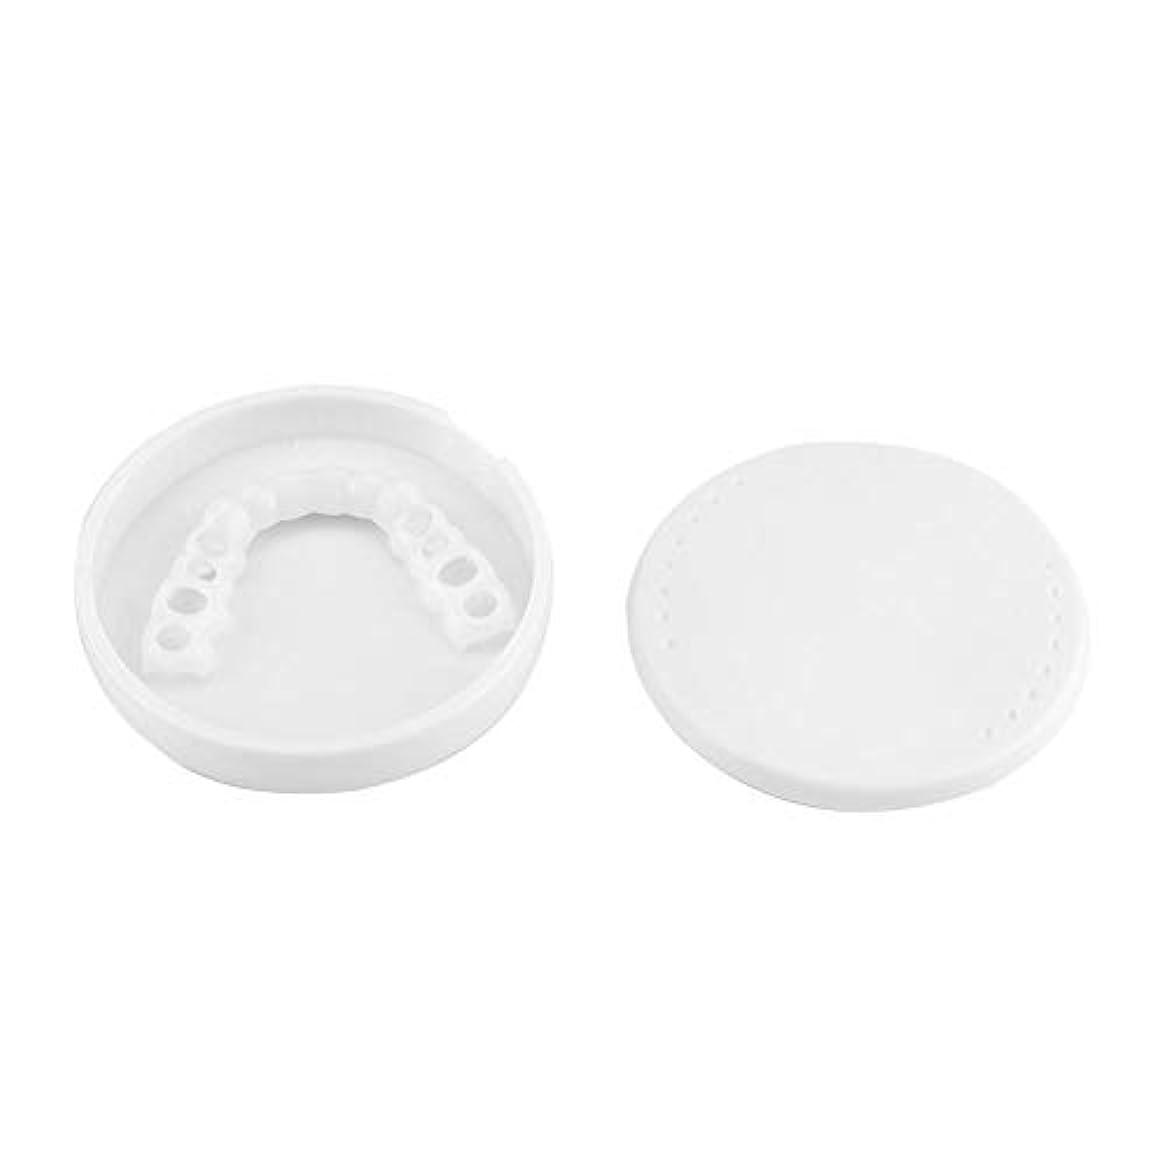 祭司シガレット競うSalinr インスタント 完璧なベニヤの歯スナップキャップを白く 一時的な化粧品歯義 歯化粧品シミュレーション 白くする歯カバー フィットフレックス歯ベニア上の歯+下歯のセット